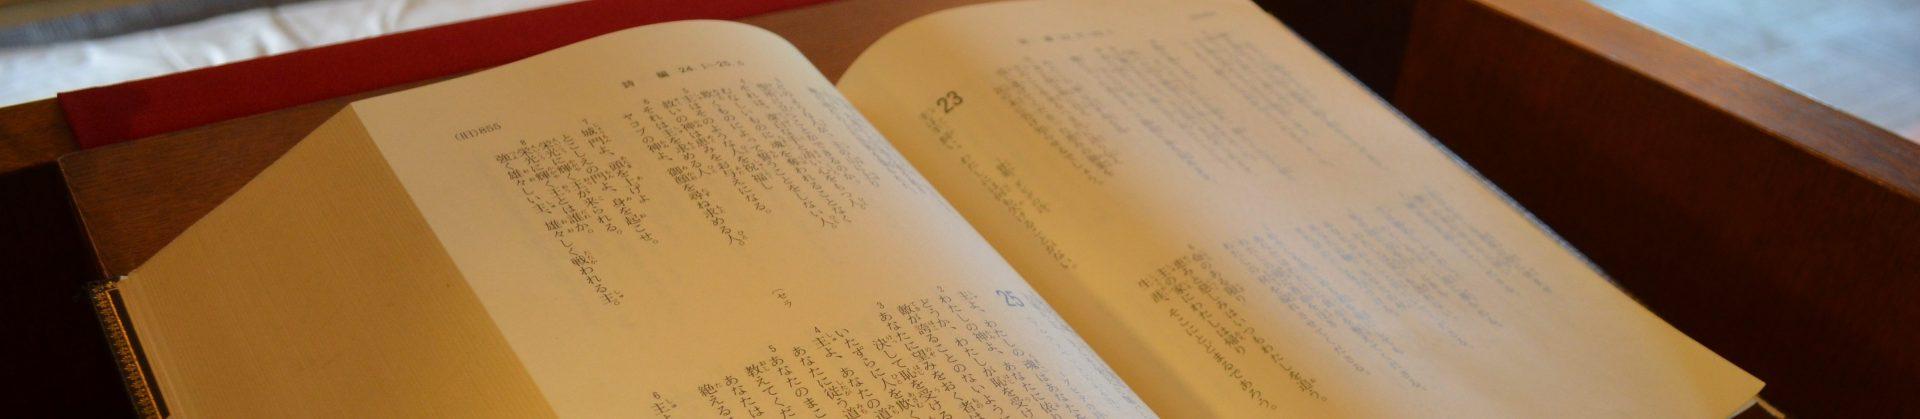 聖書随想(20)「ヘブライ語聖書をめぐる問い②~教会の場合2~」